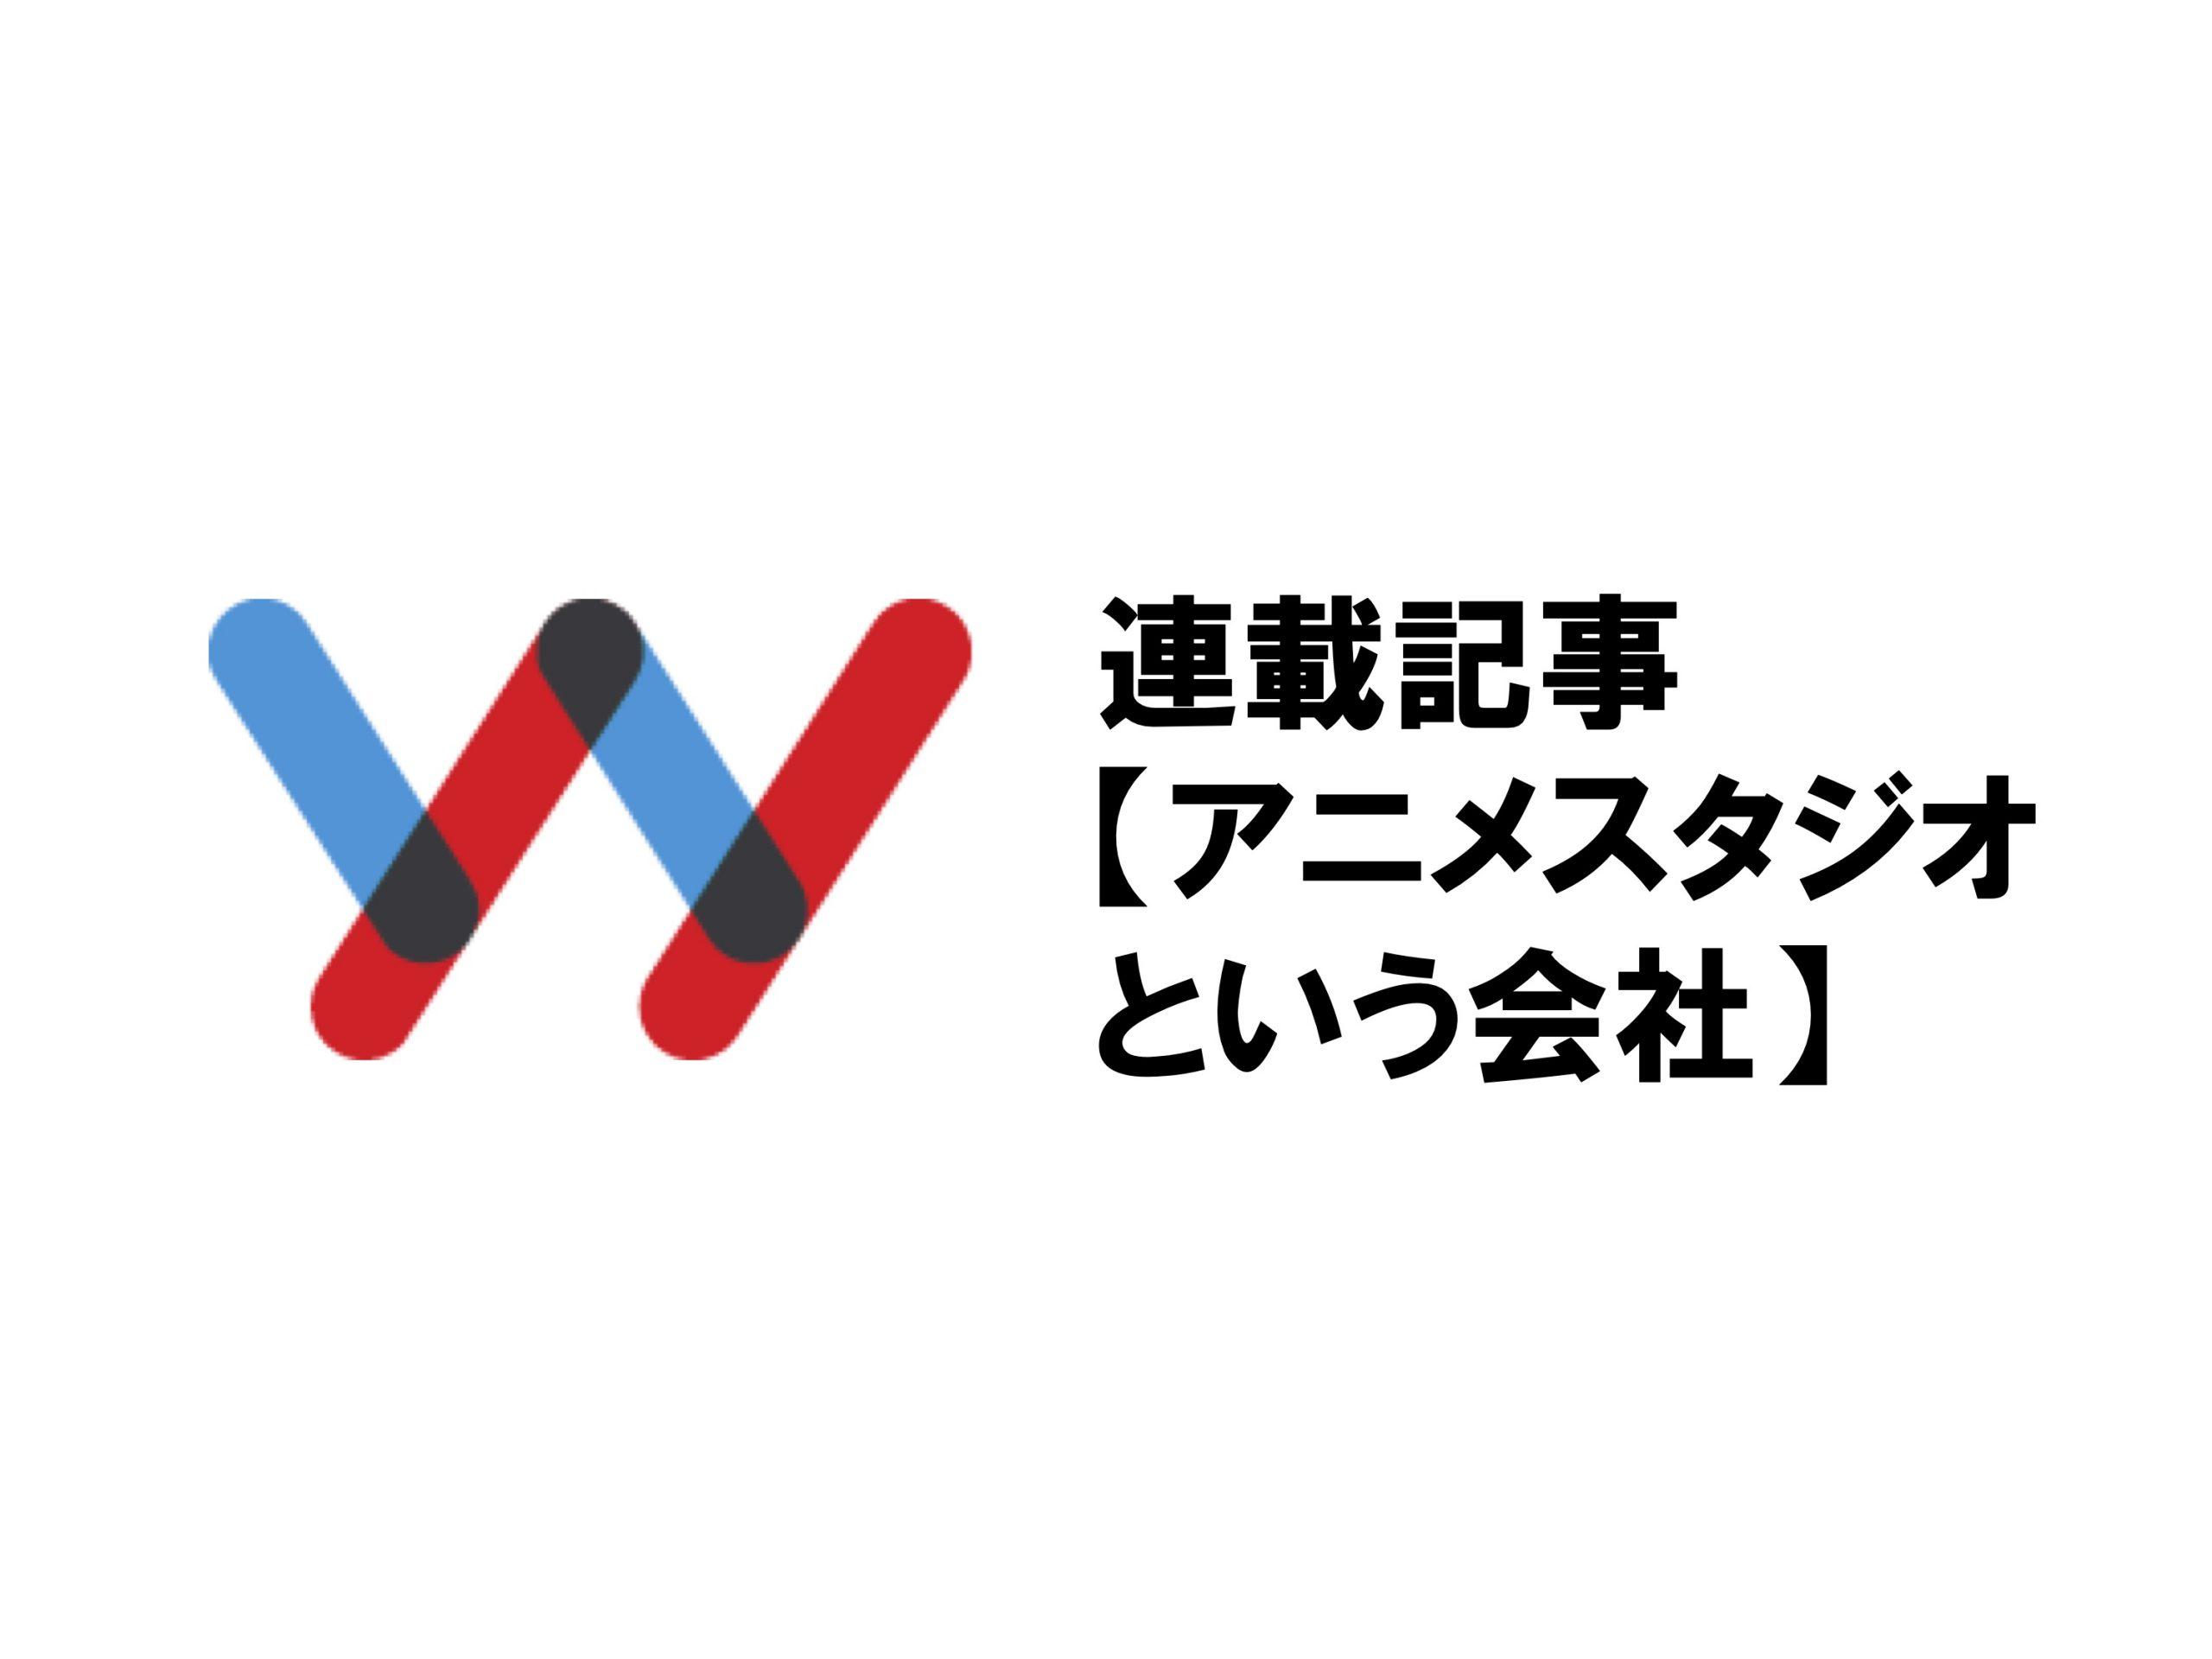 アニメスタジオという会社